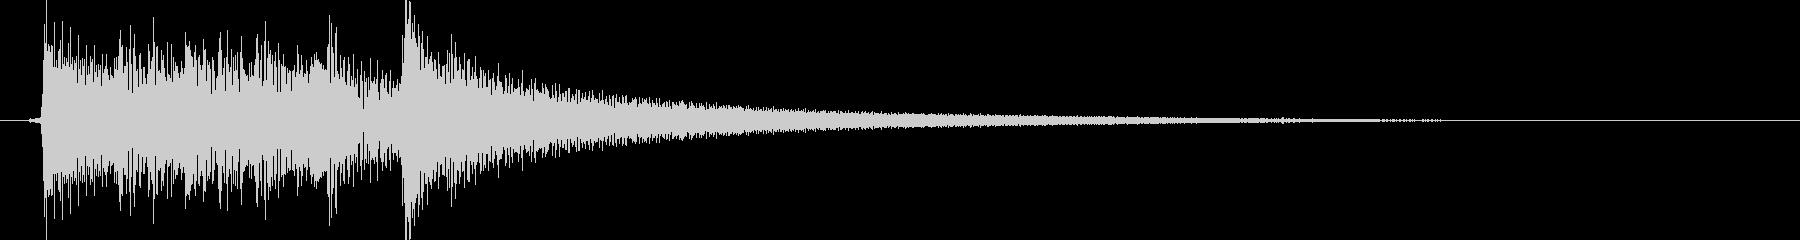 切ない雰囲気のアコギのジングル2の未再生の波形